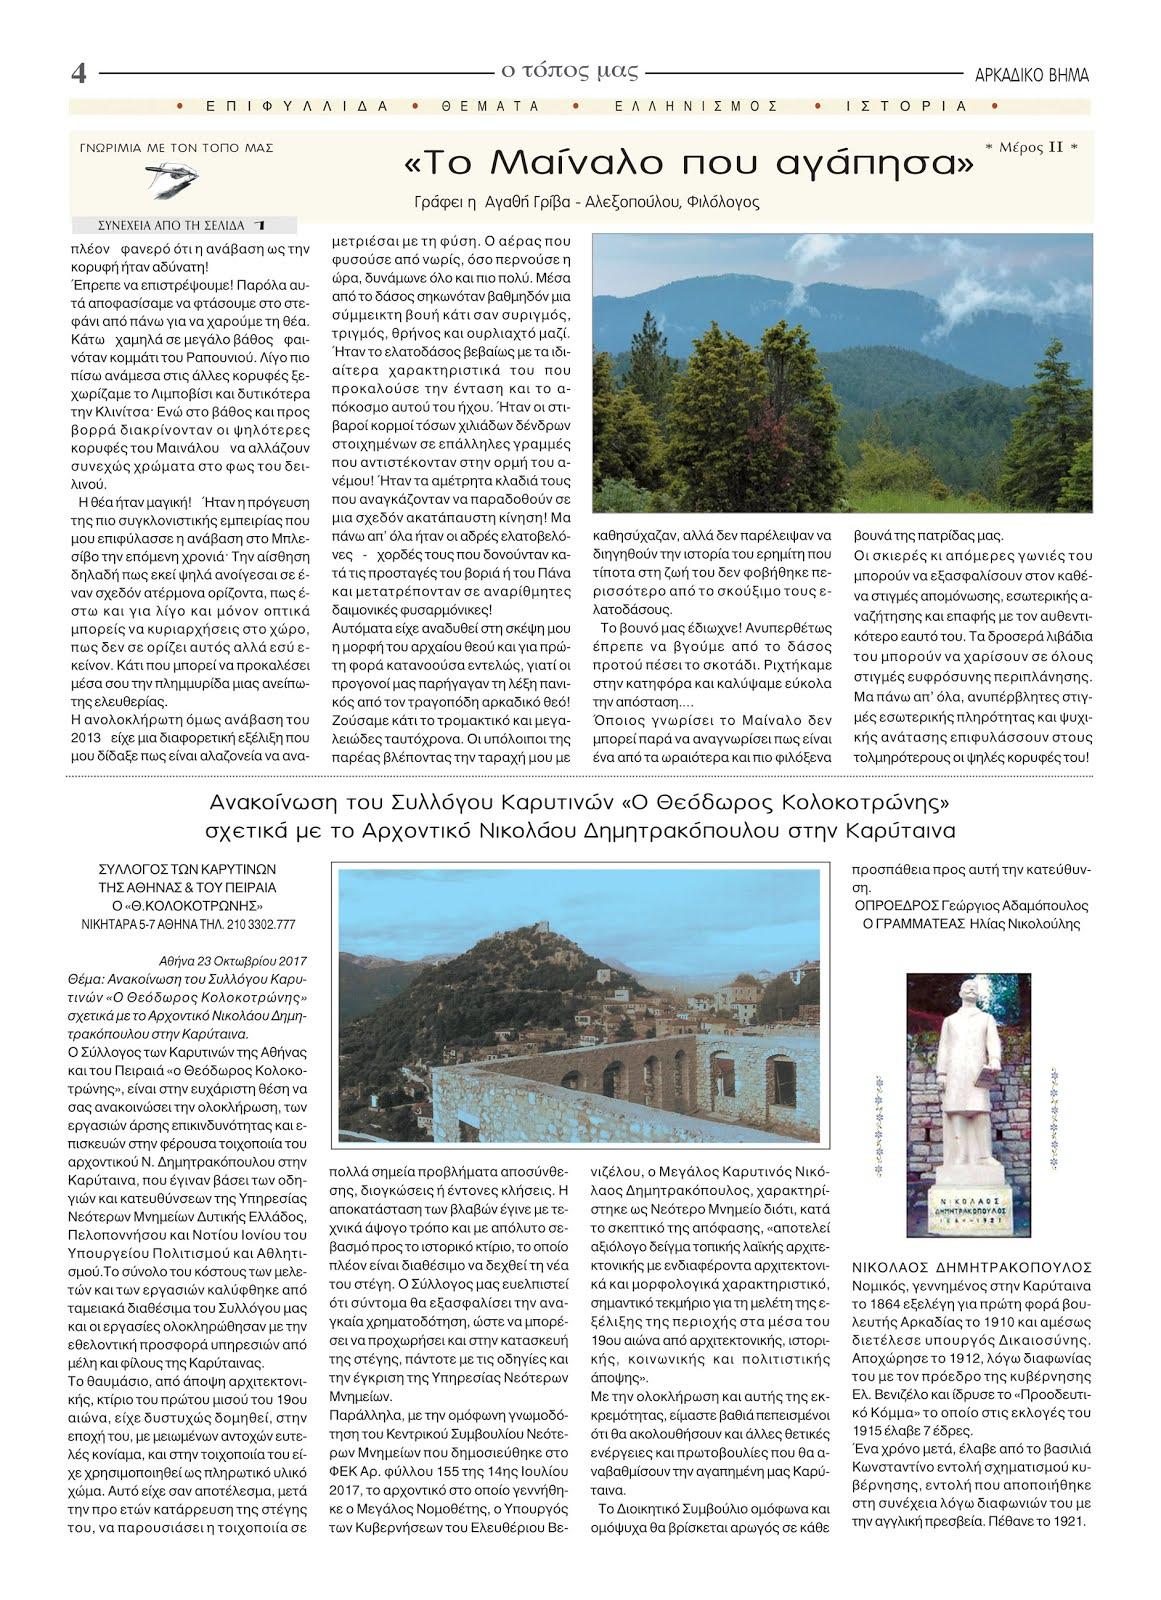 Ανακοίνωση του Συλλόγου Καρυτινών σχετικά με το Αρχοντικό Νικολάου Δημητρακόπουλου στην Καρύταινα